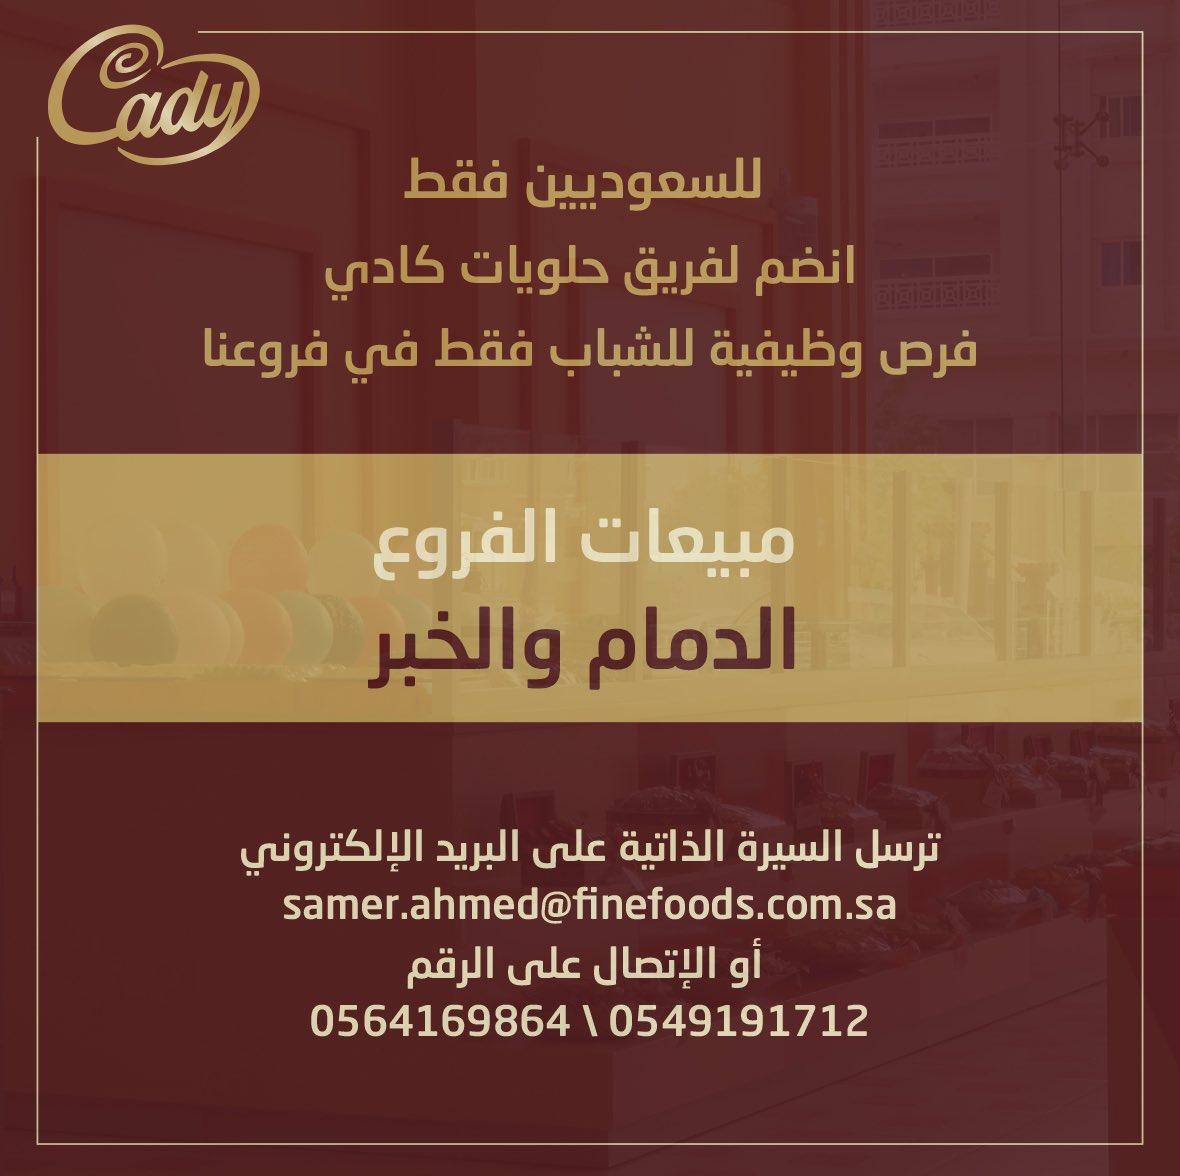 للسعوديين فقط #وظائف شاغرة في فروع #كادي الخبر و الدمام#وظائف_شاغرة  #وظائف_الدمام #وظائف_الشرقية #صباح_الاحد @CadySweets